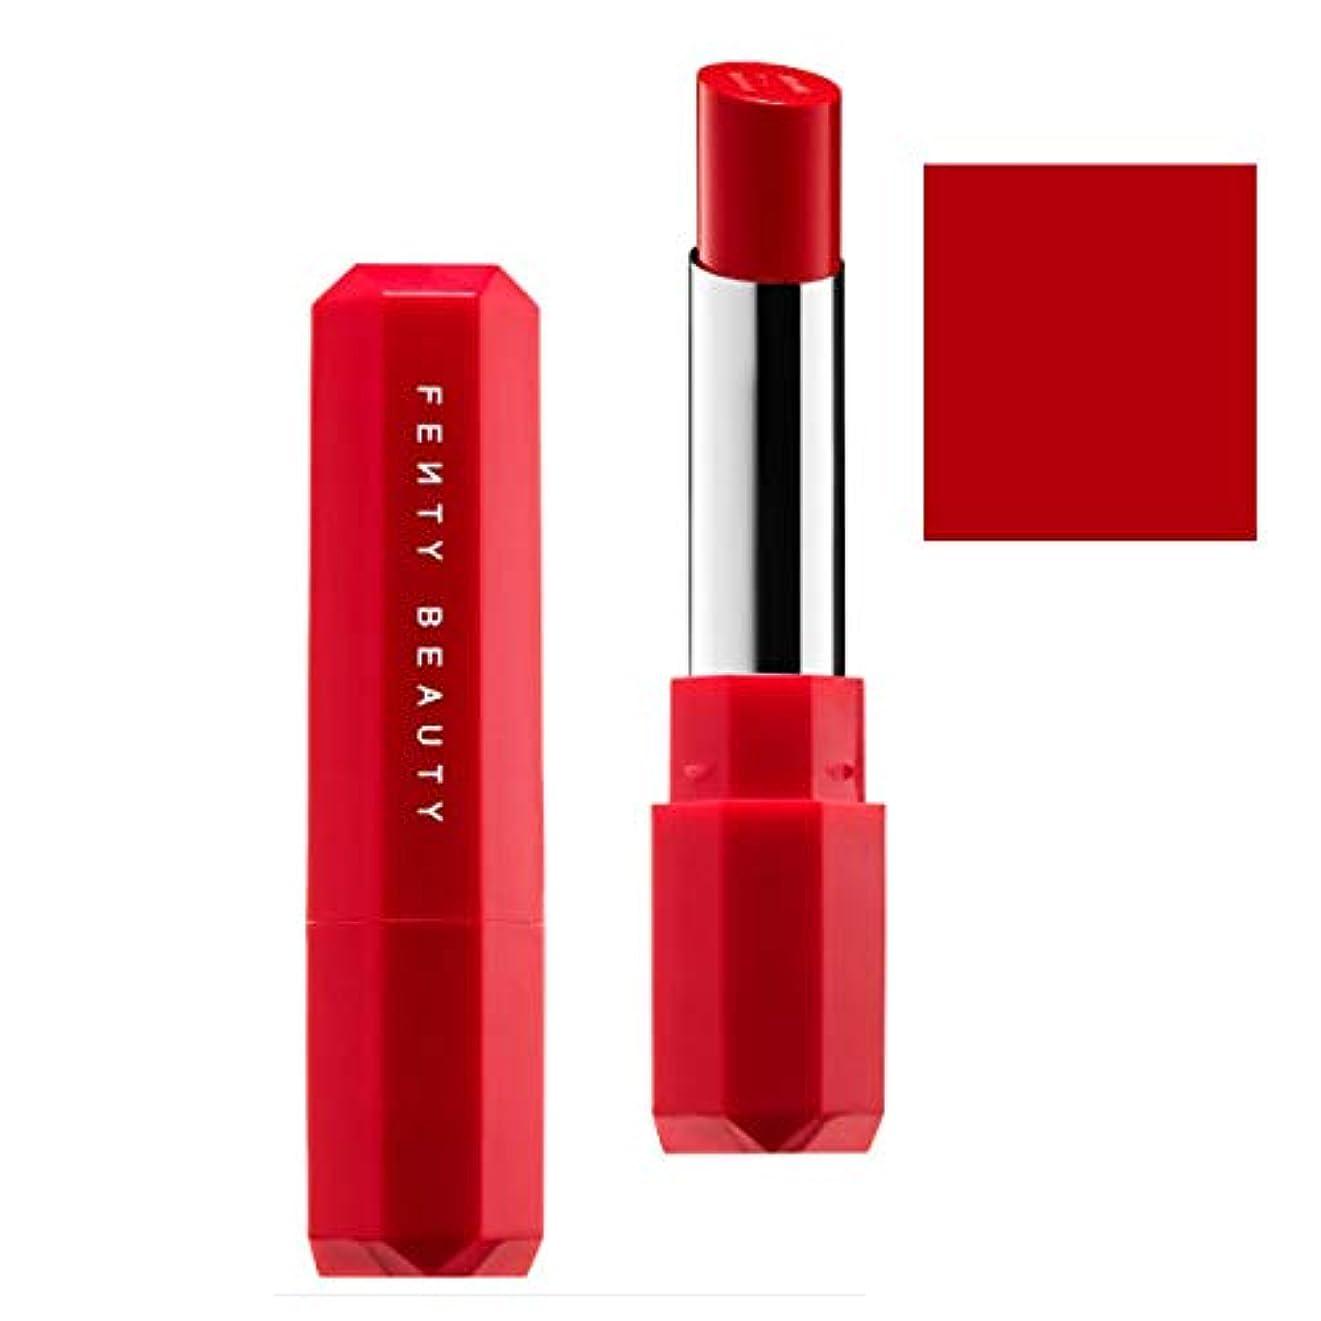 理容室メキシコベスビオ山FENTY BEAUTY BY RIHANNA,New!!, 限定版 limited-edition, Poutsicle Juicy Satin Lipstick - Hot Blooded [海外直送品] [並行輸入品]